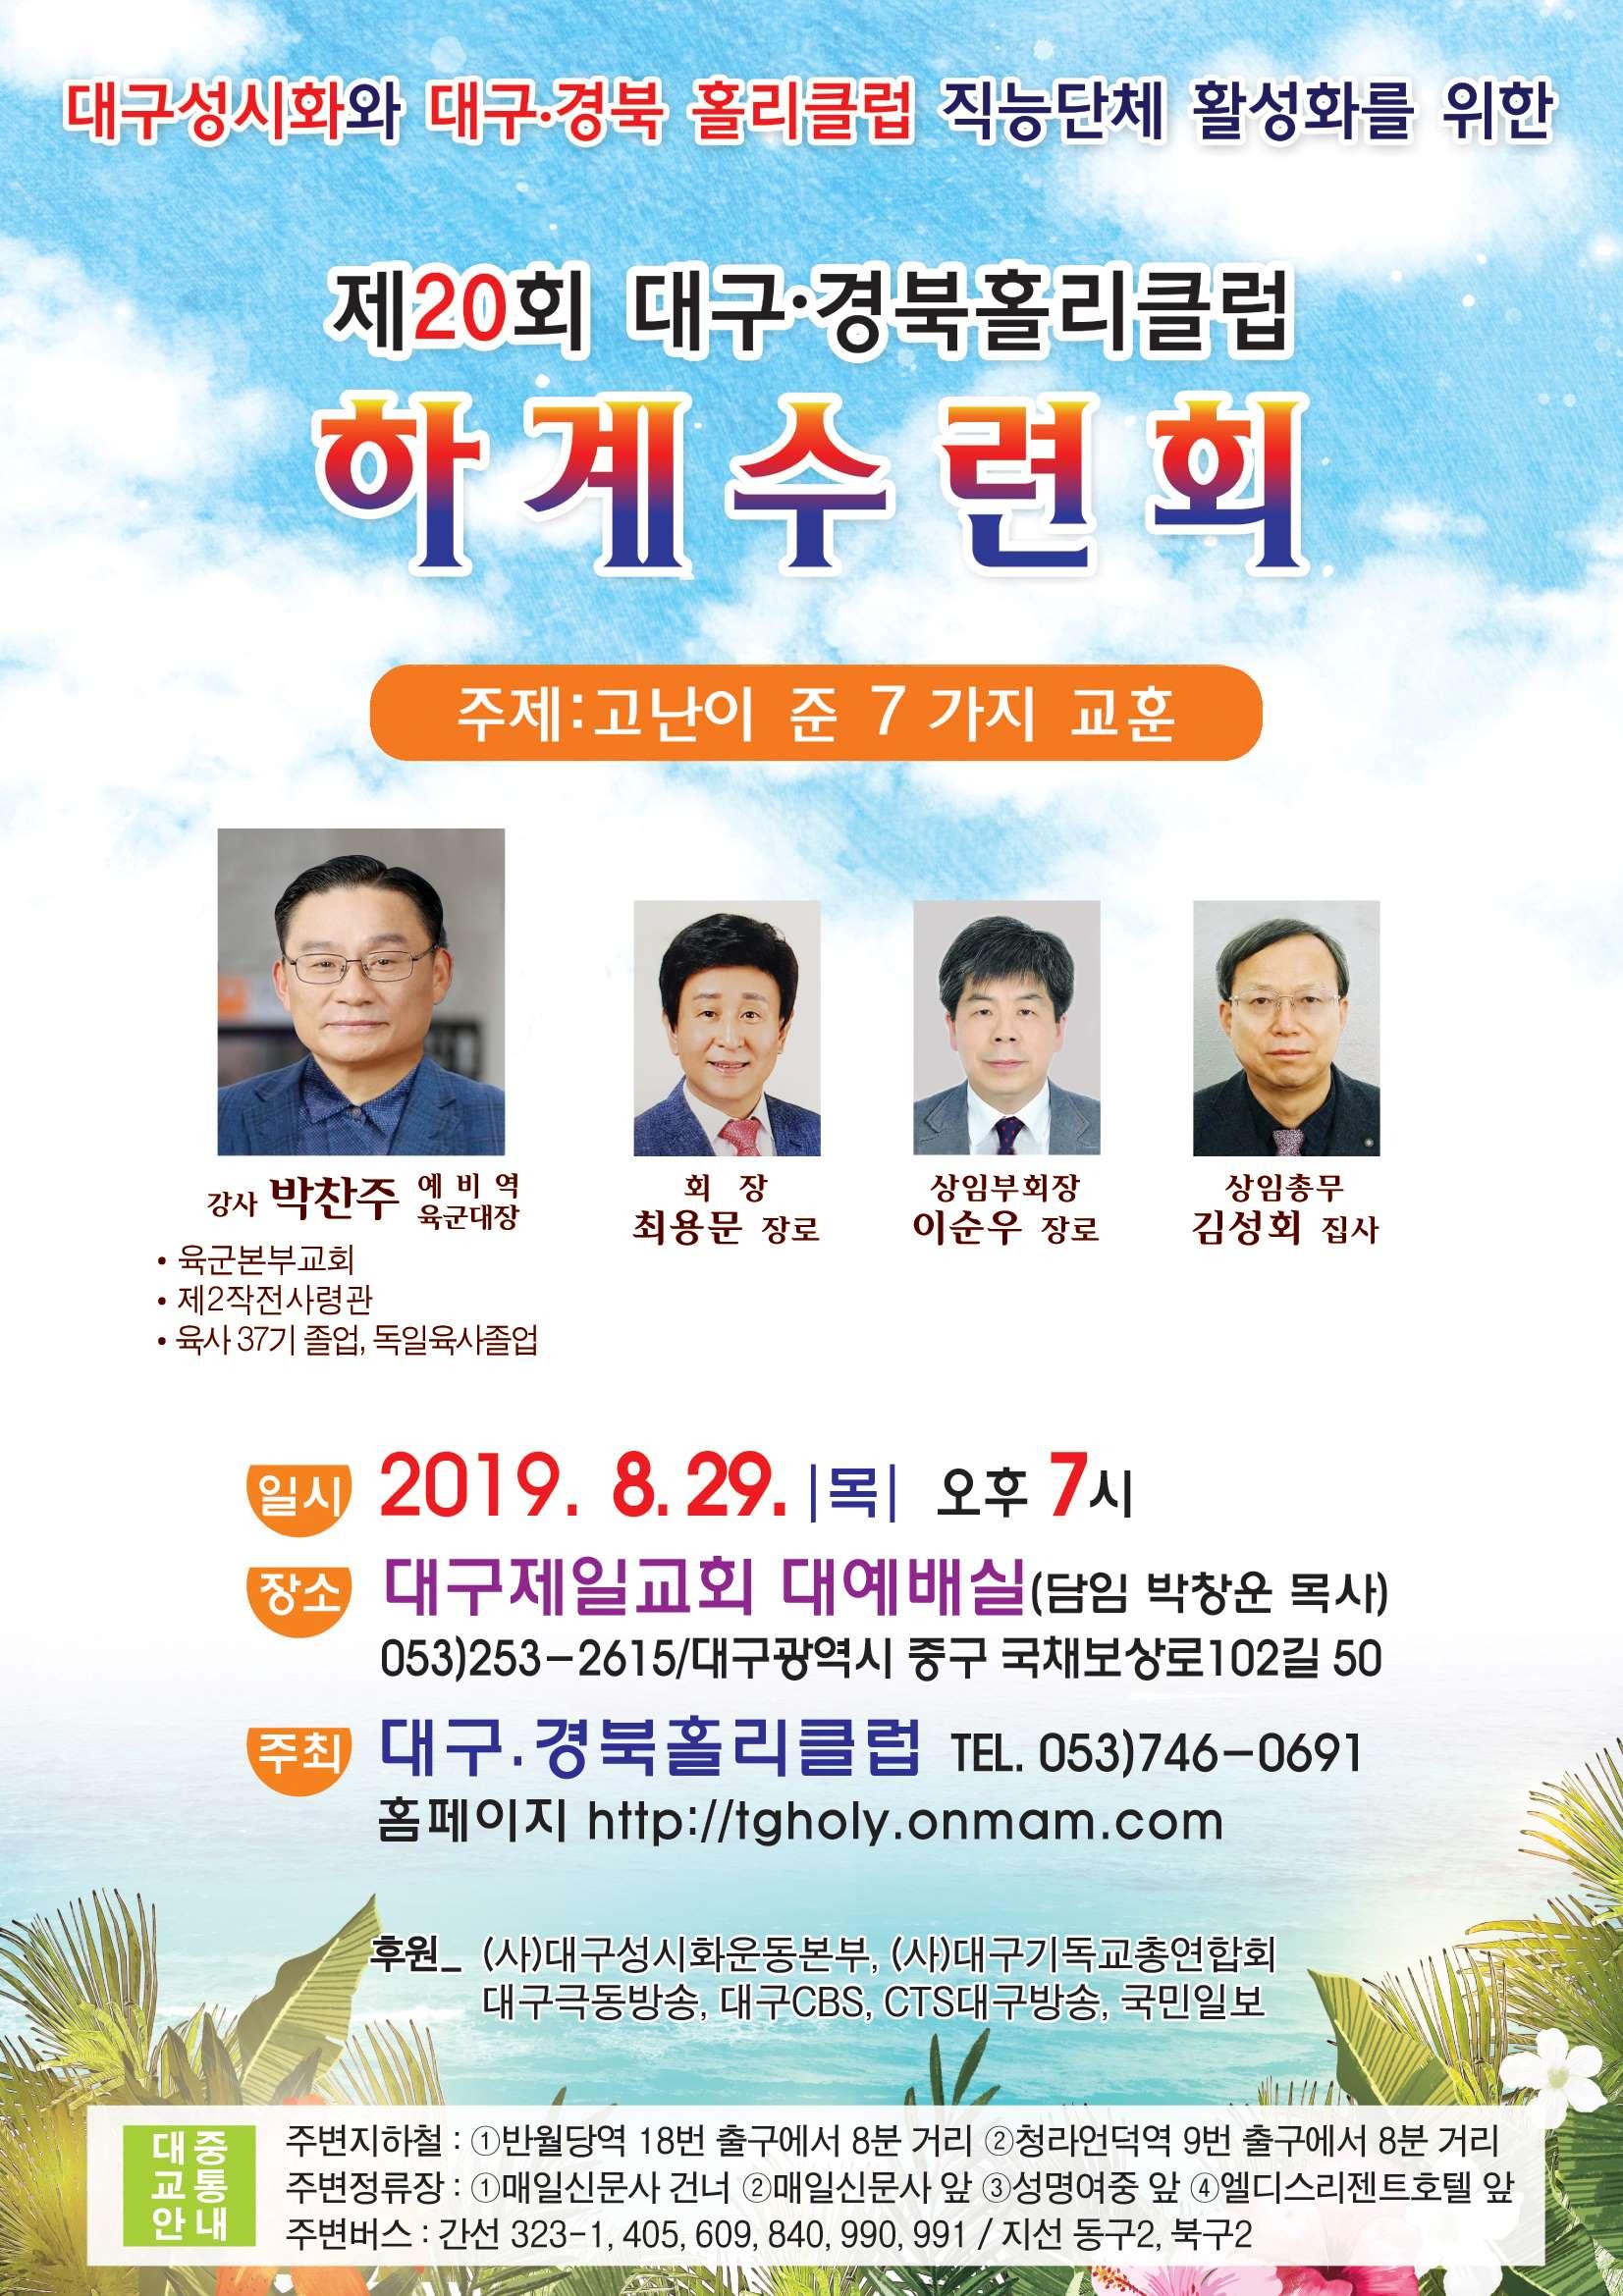 제20회 대구경북 홀리클럽 수련회(강사 박찬주 대장)중간크기.jpg